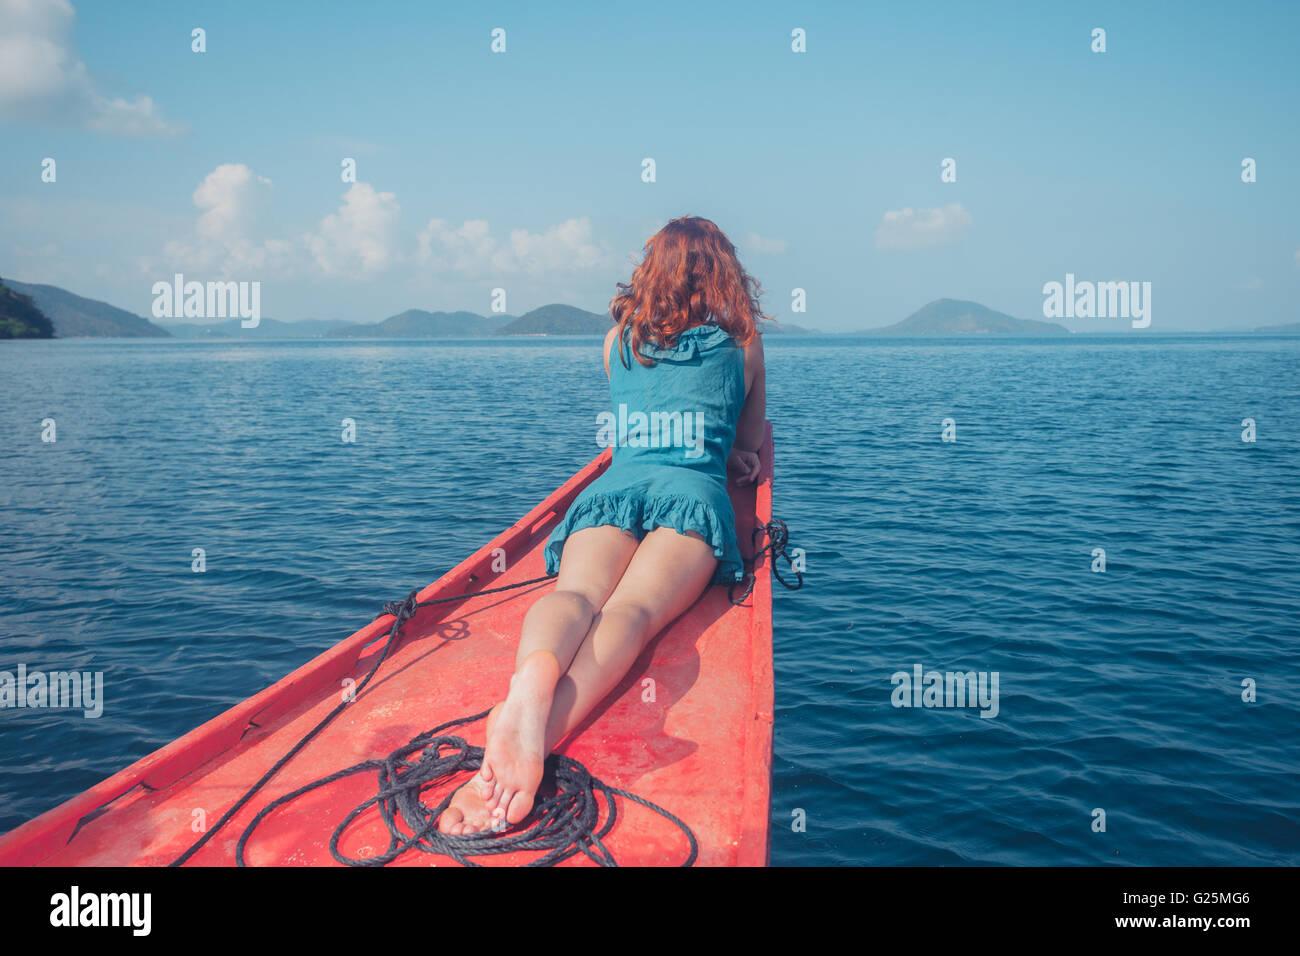 Una joven mujer es relajante en la proa de un barco pequeño en un clima tropical Imagen De Stock